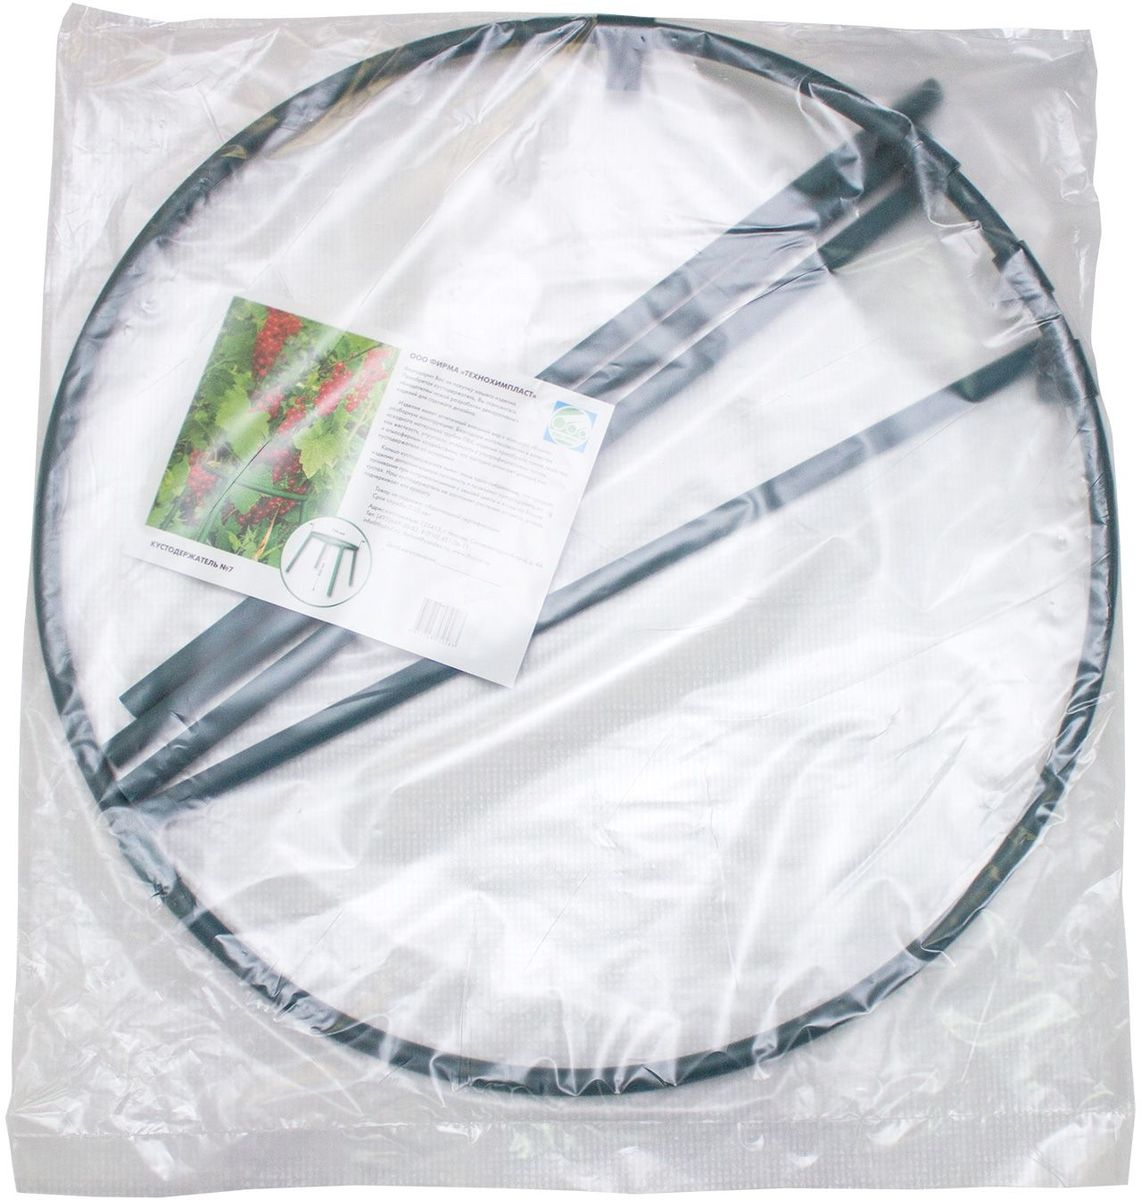 Кустодержатель Технохимпласт №7, цвет: зеленый, высота 75 смBF-23-01-031-1Надежная опора Технохимпласт №7, выполненная из ПВХ, подходит для ягодных кустарников и декоративных растений. Служит для оформлениярастений на участке, поддержки ветвей. Кустодержатель обеспечивает удобство ухода за растениями (прополки, полива, подкормки), а также способствует сохранению урожая на плодоносных культурах. Опоры для растений: - легко устанавливаются с помощью обычного садового инструмента; - гарантируют надежную поддержку как легких, так и тяжелых растений с большой массой листьев; - обеспечивают нормальную циркуляцию воздуха и исключают возможность прения листвы; - за счет устойчивости к коррозии и перепадам температуры выполняют свои функции и сохраняют привлекательный внешний вид на протяжении всего срока эксплуатации; - оперативно разбираются для компактного хранения.Диаметр кольца: 75 см. Высота опоры: 75 см.